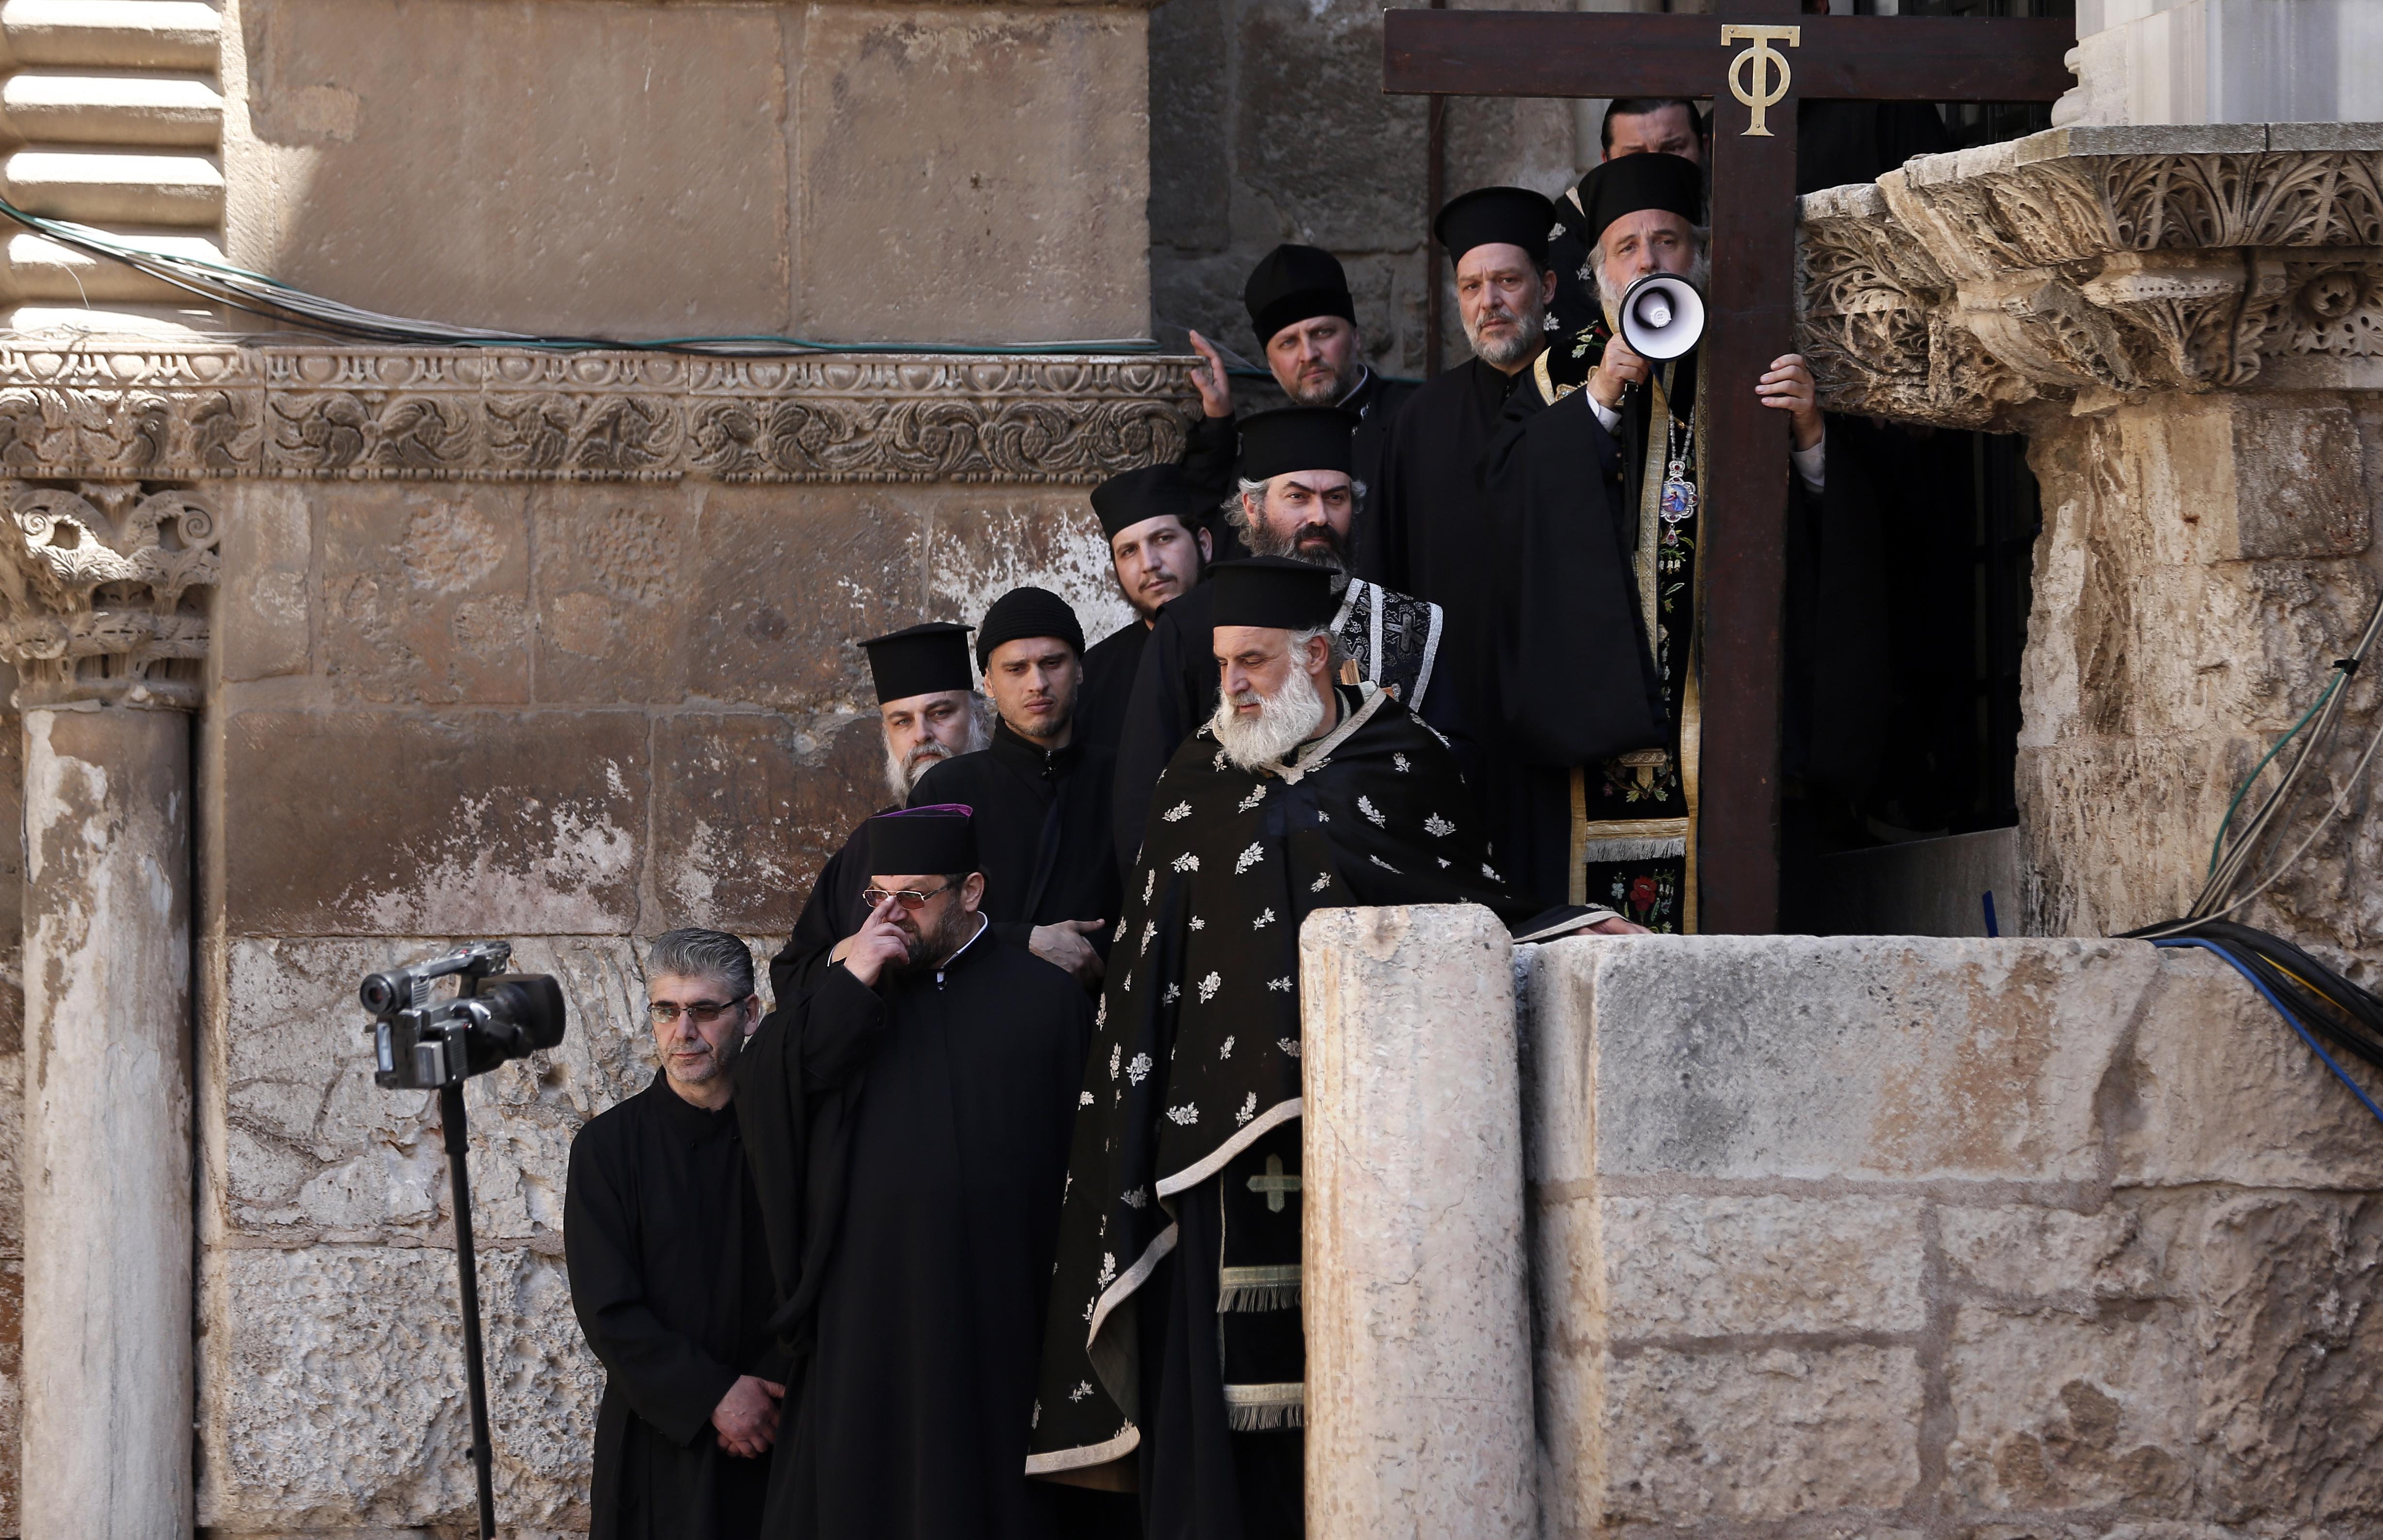 مسيحيون في القدس القديمة ضمن احتفالات عيد الفصح.